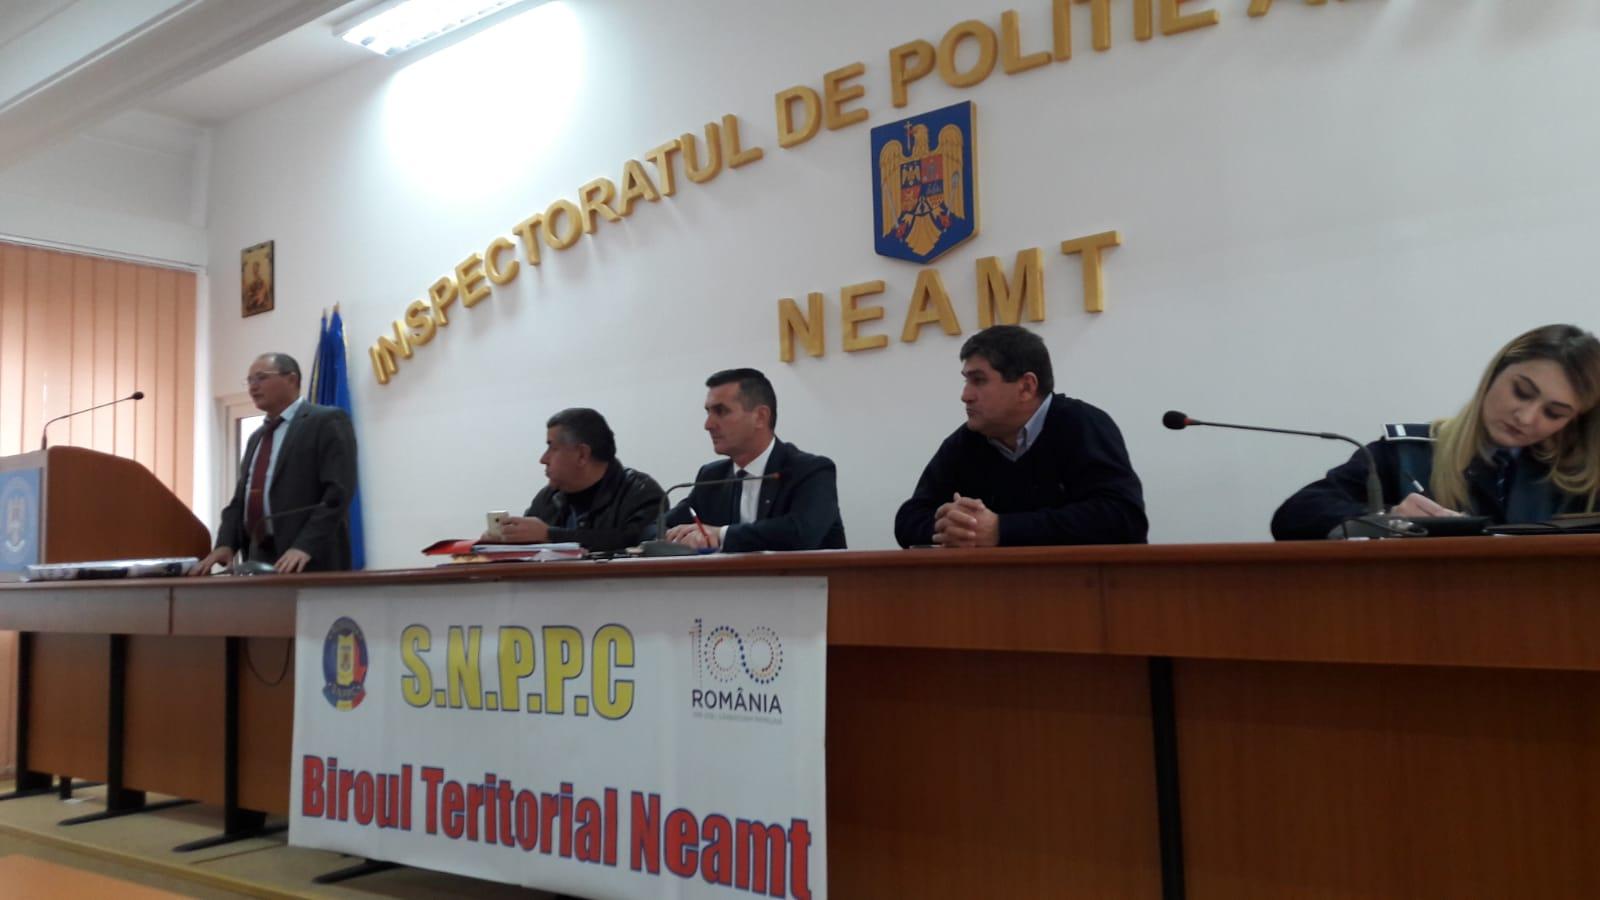 23.11.2018 - Alegeri pentru conducerea  Biroulului Teritorial SNPPC – IPJ Neamţ